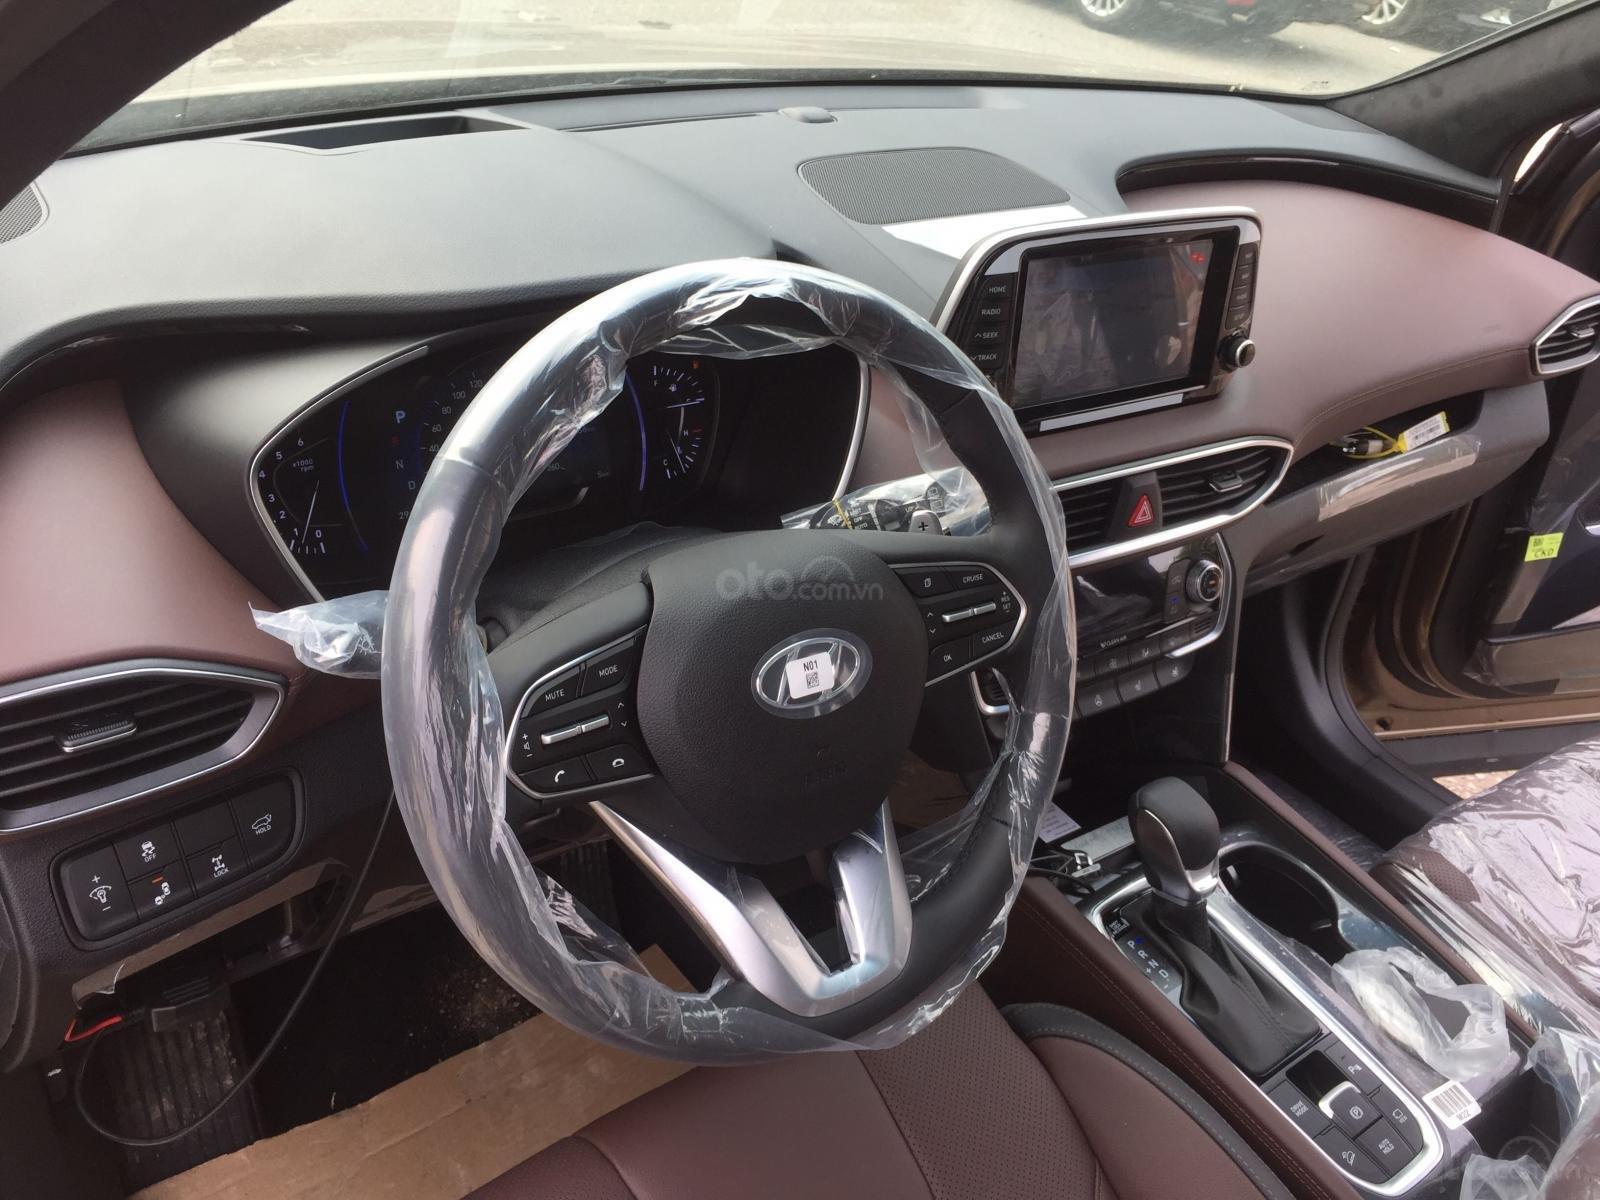 Bán Hyundai Santafe 2.2 cao cấp giao ngay (13)